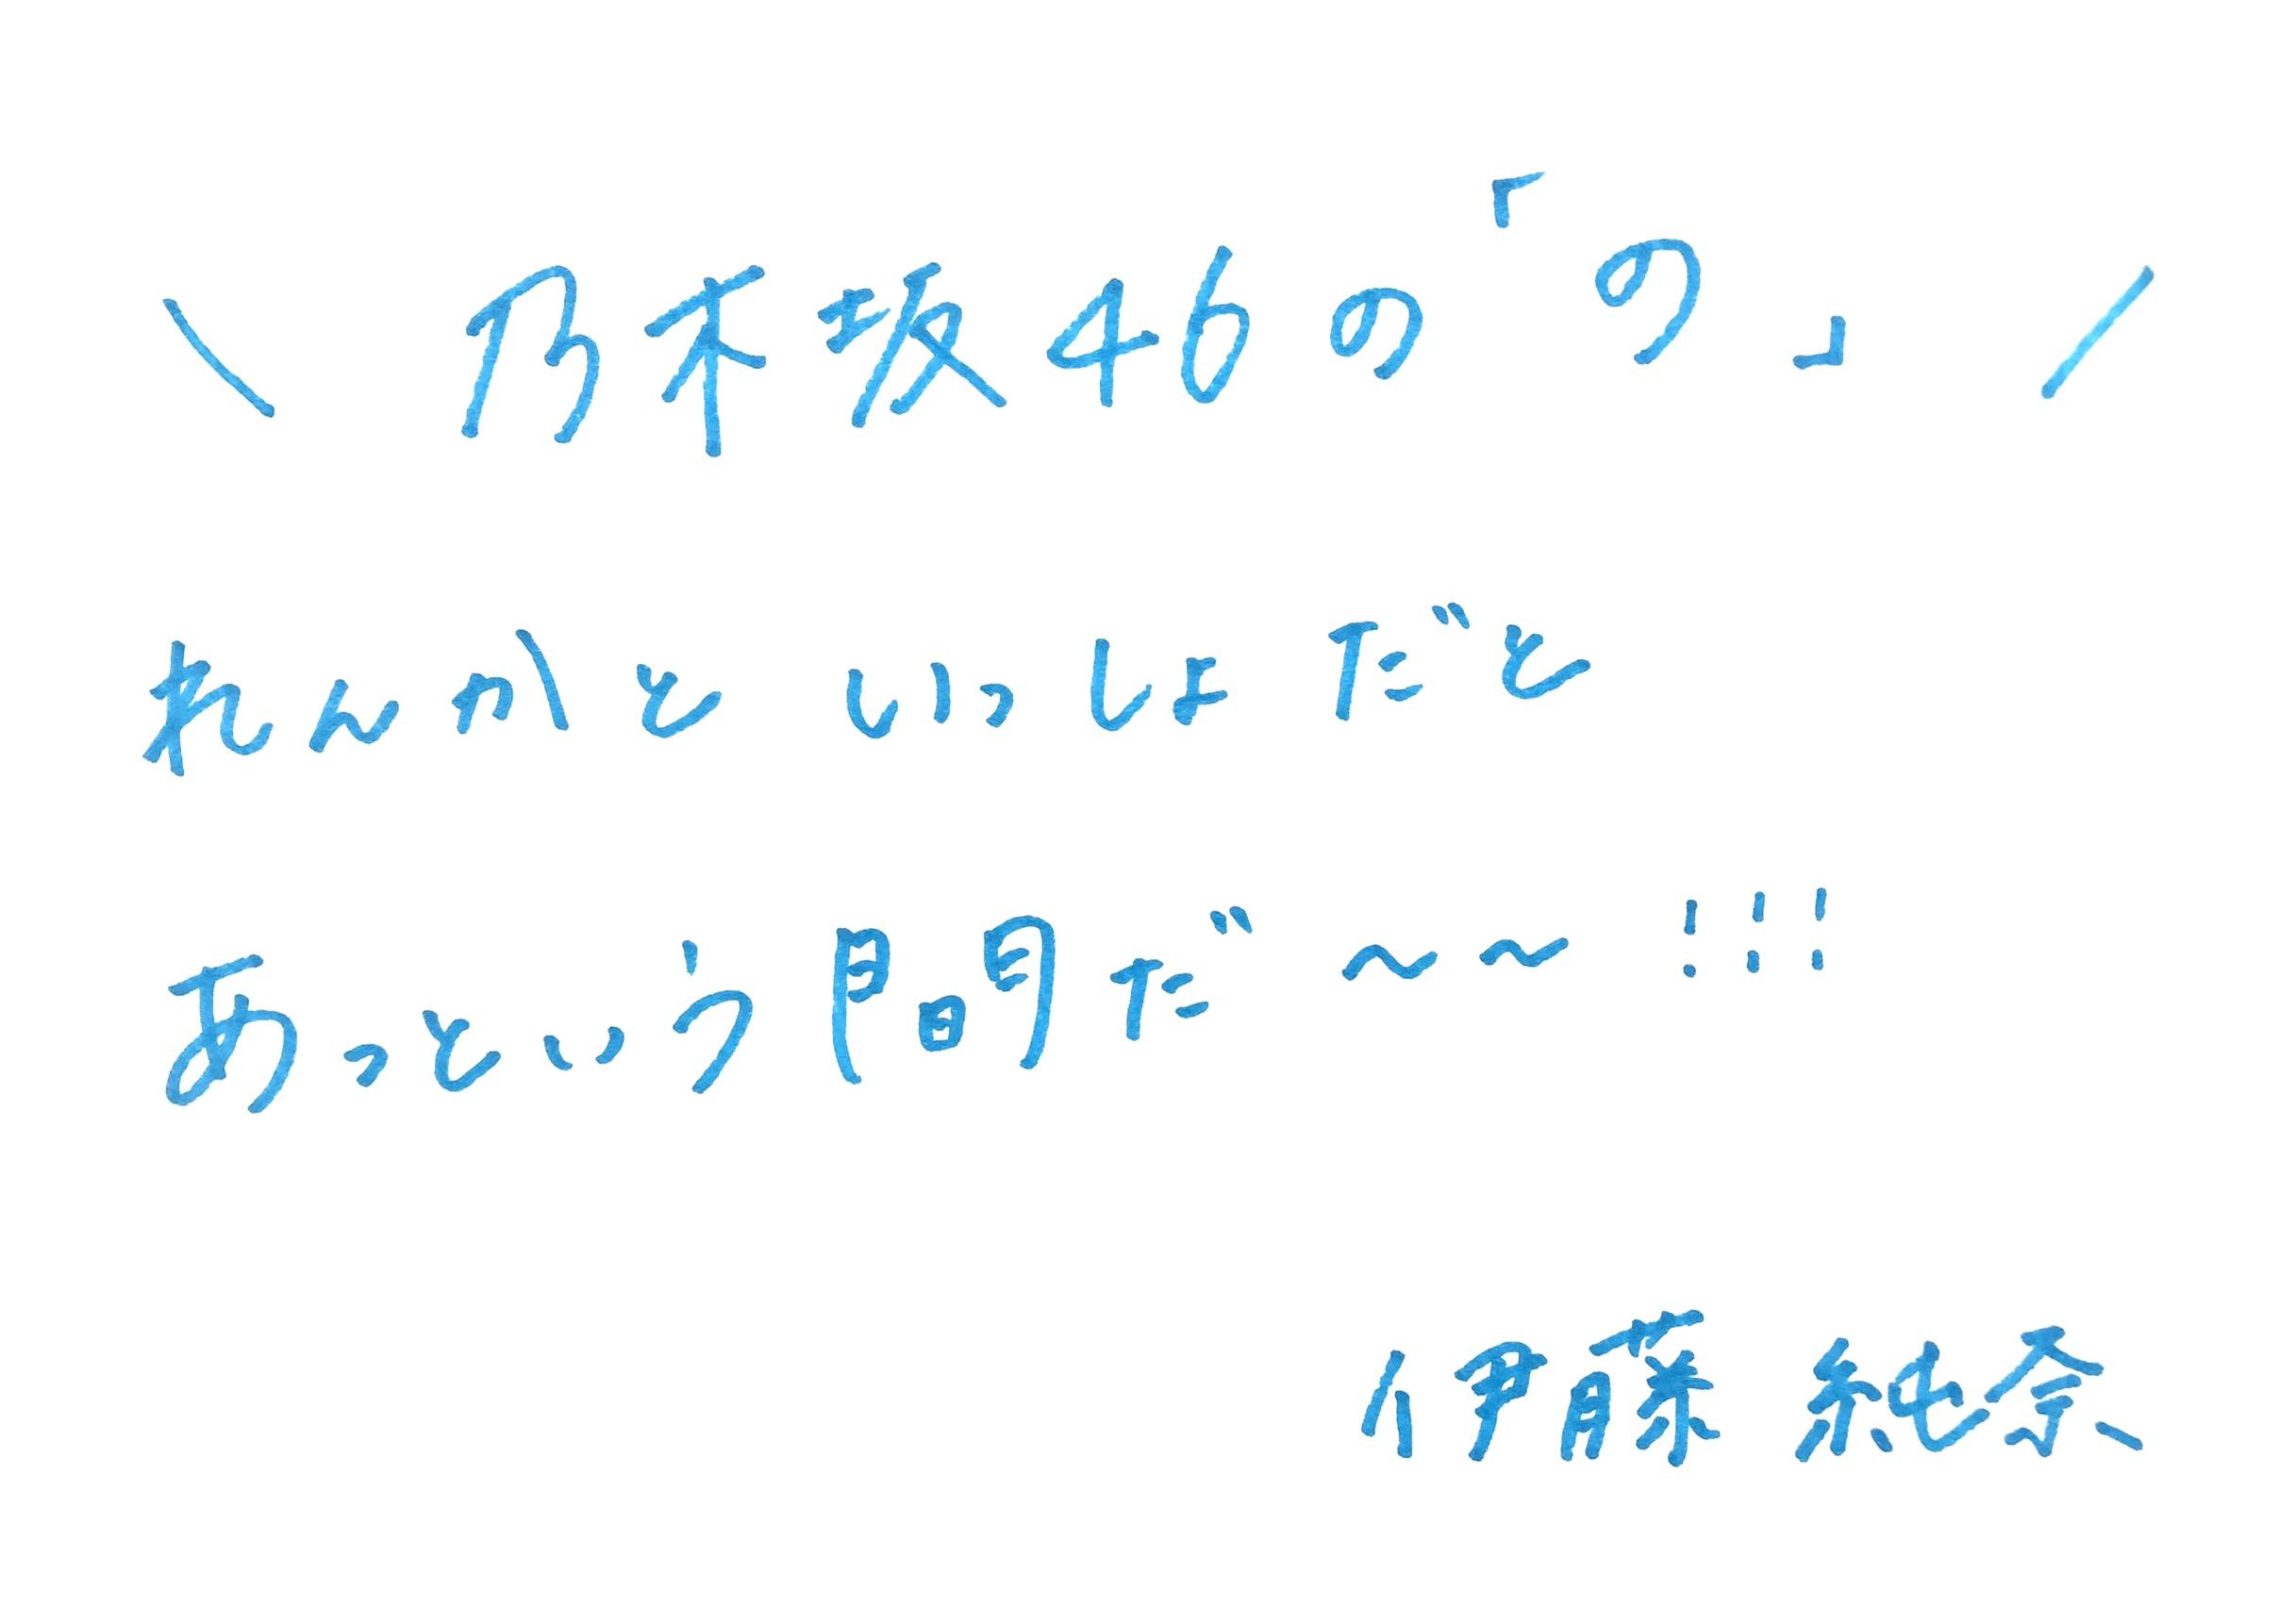 乃木坂46の「の」 伊藤純奈